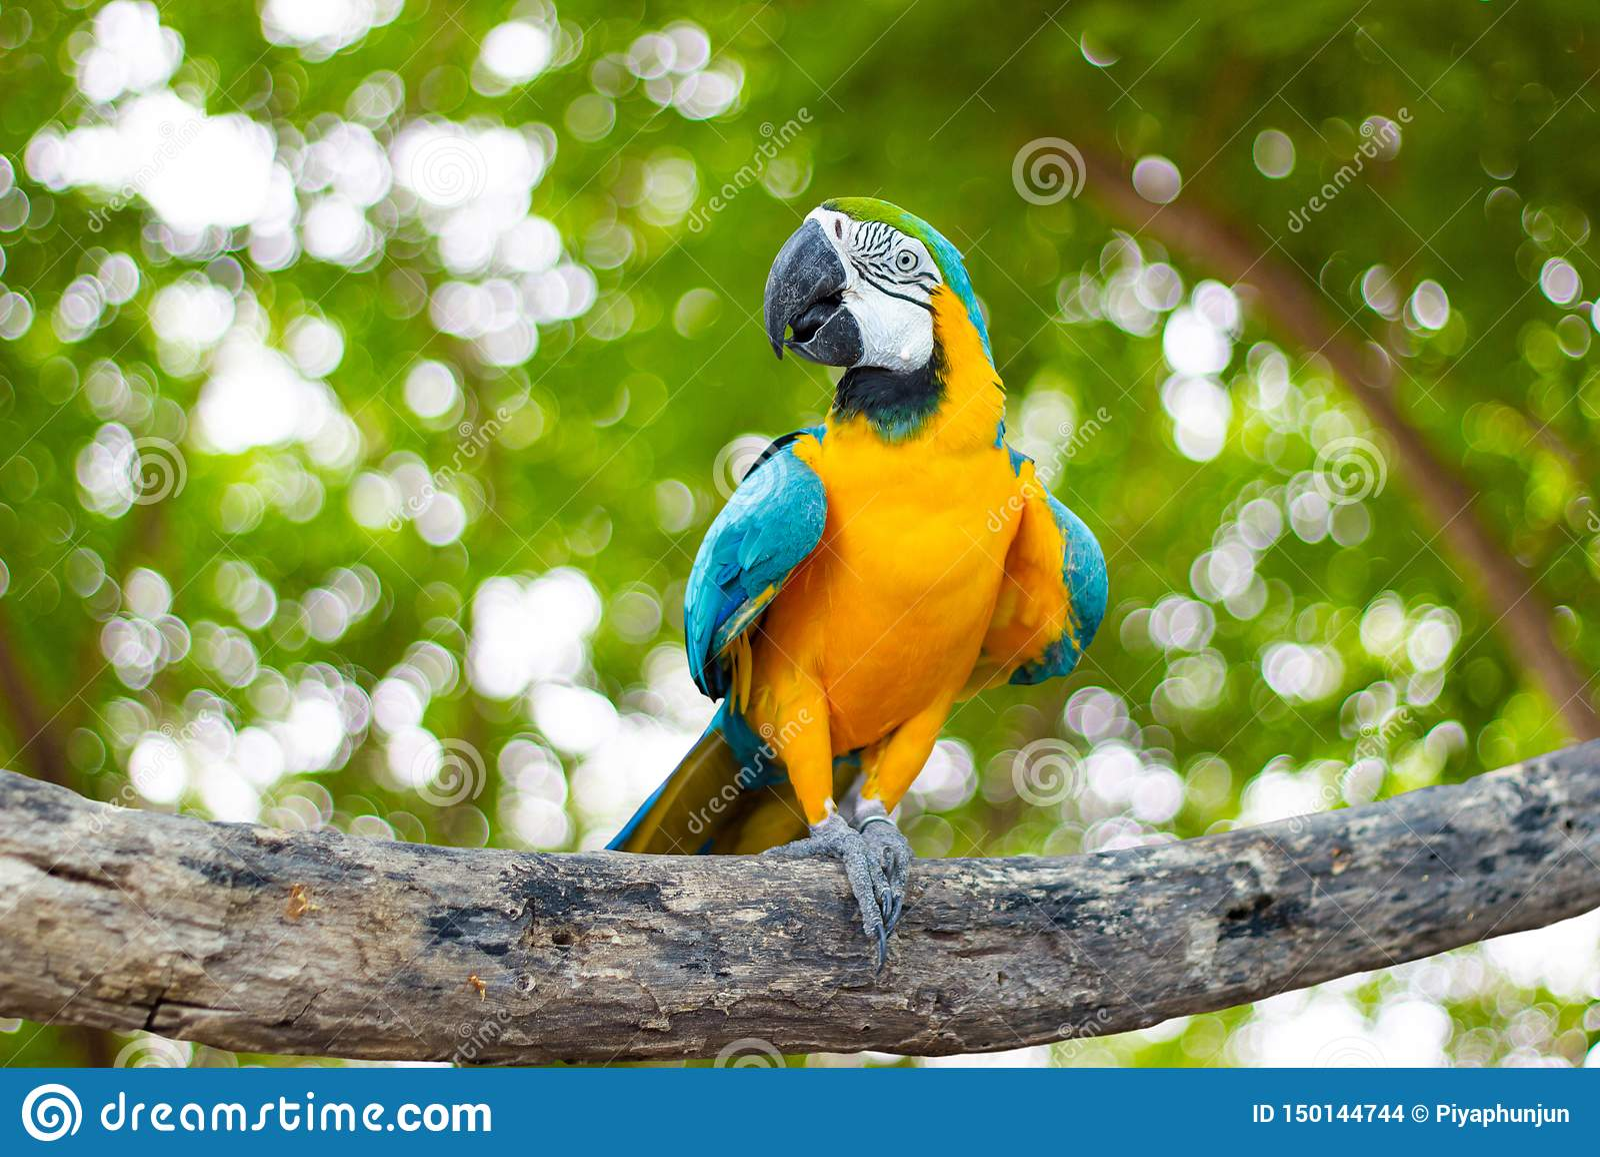 Blått och gult araanseende för fågel på filialer